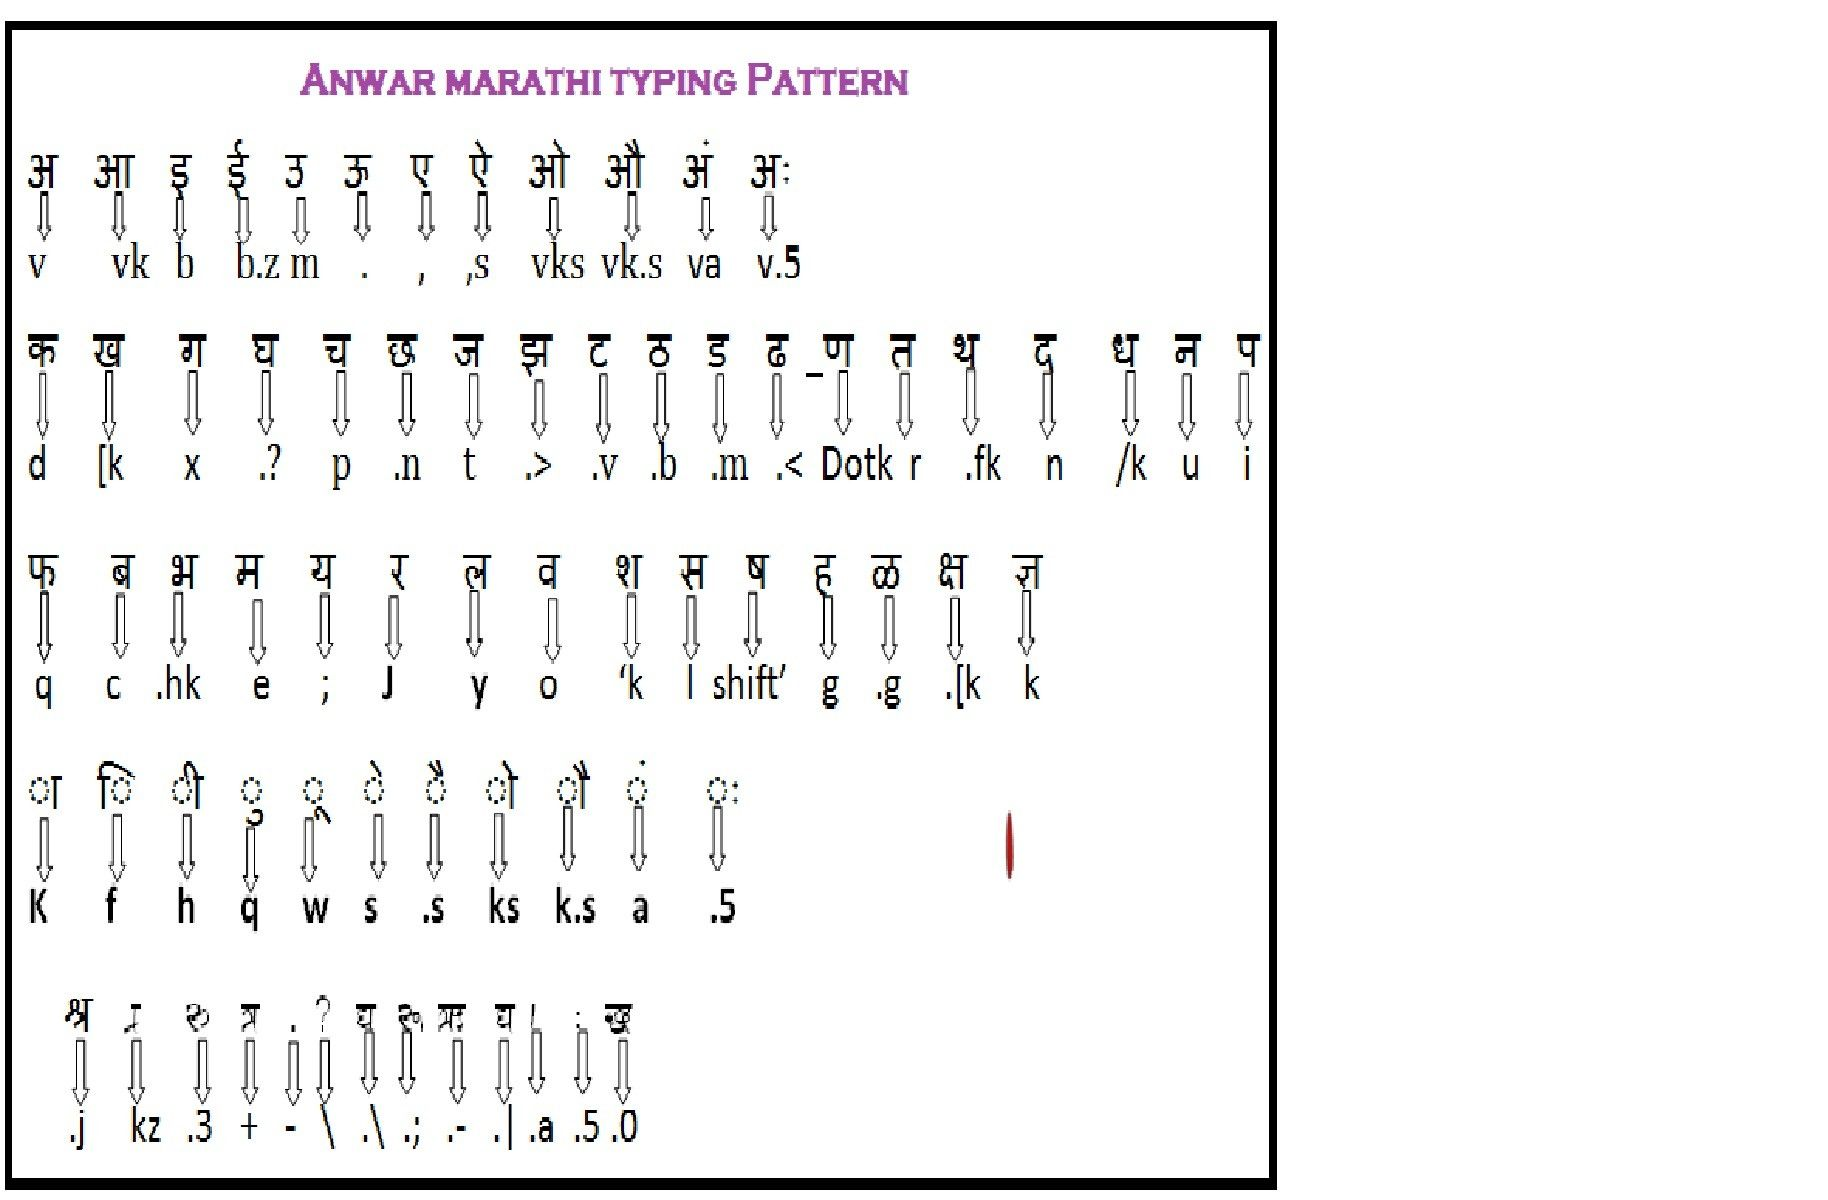 Marathi Typing Chart